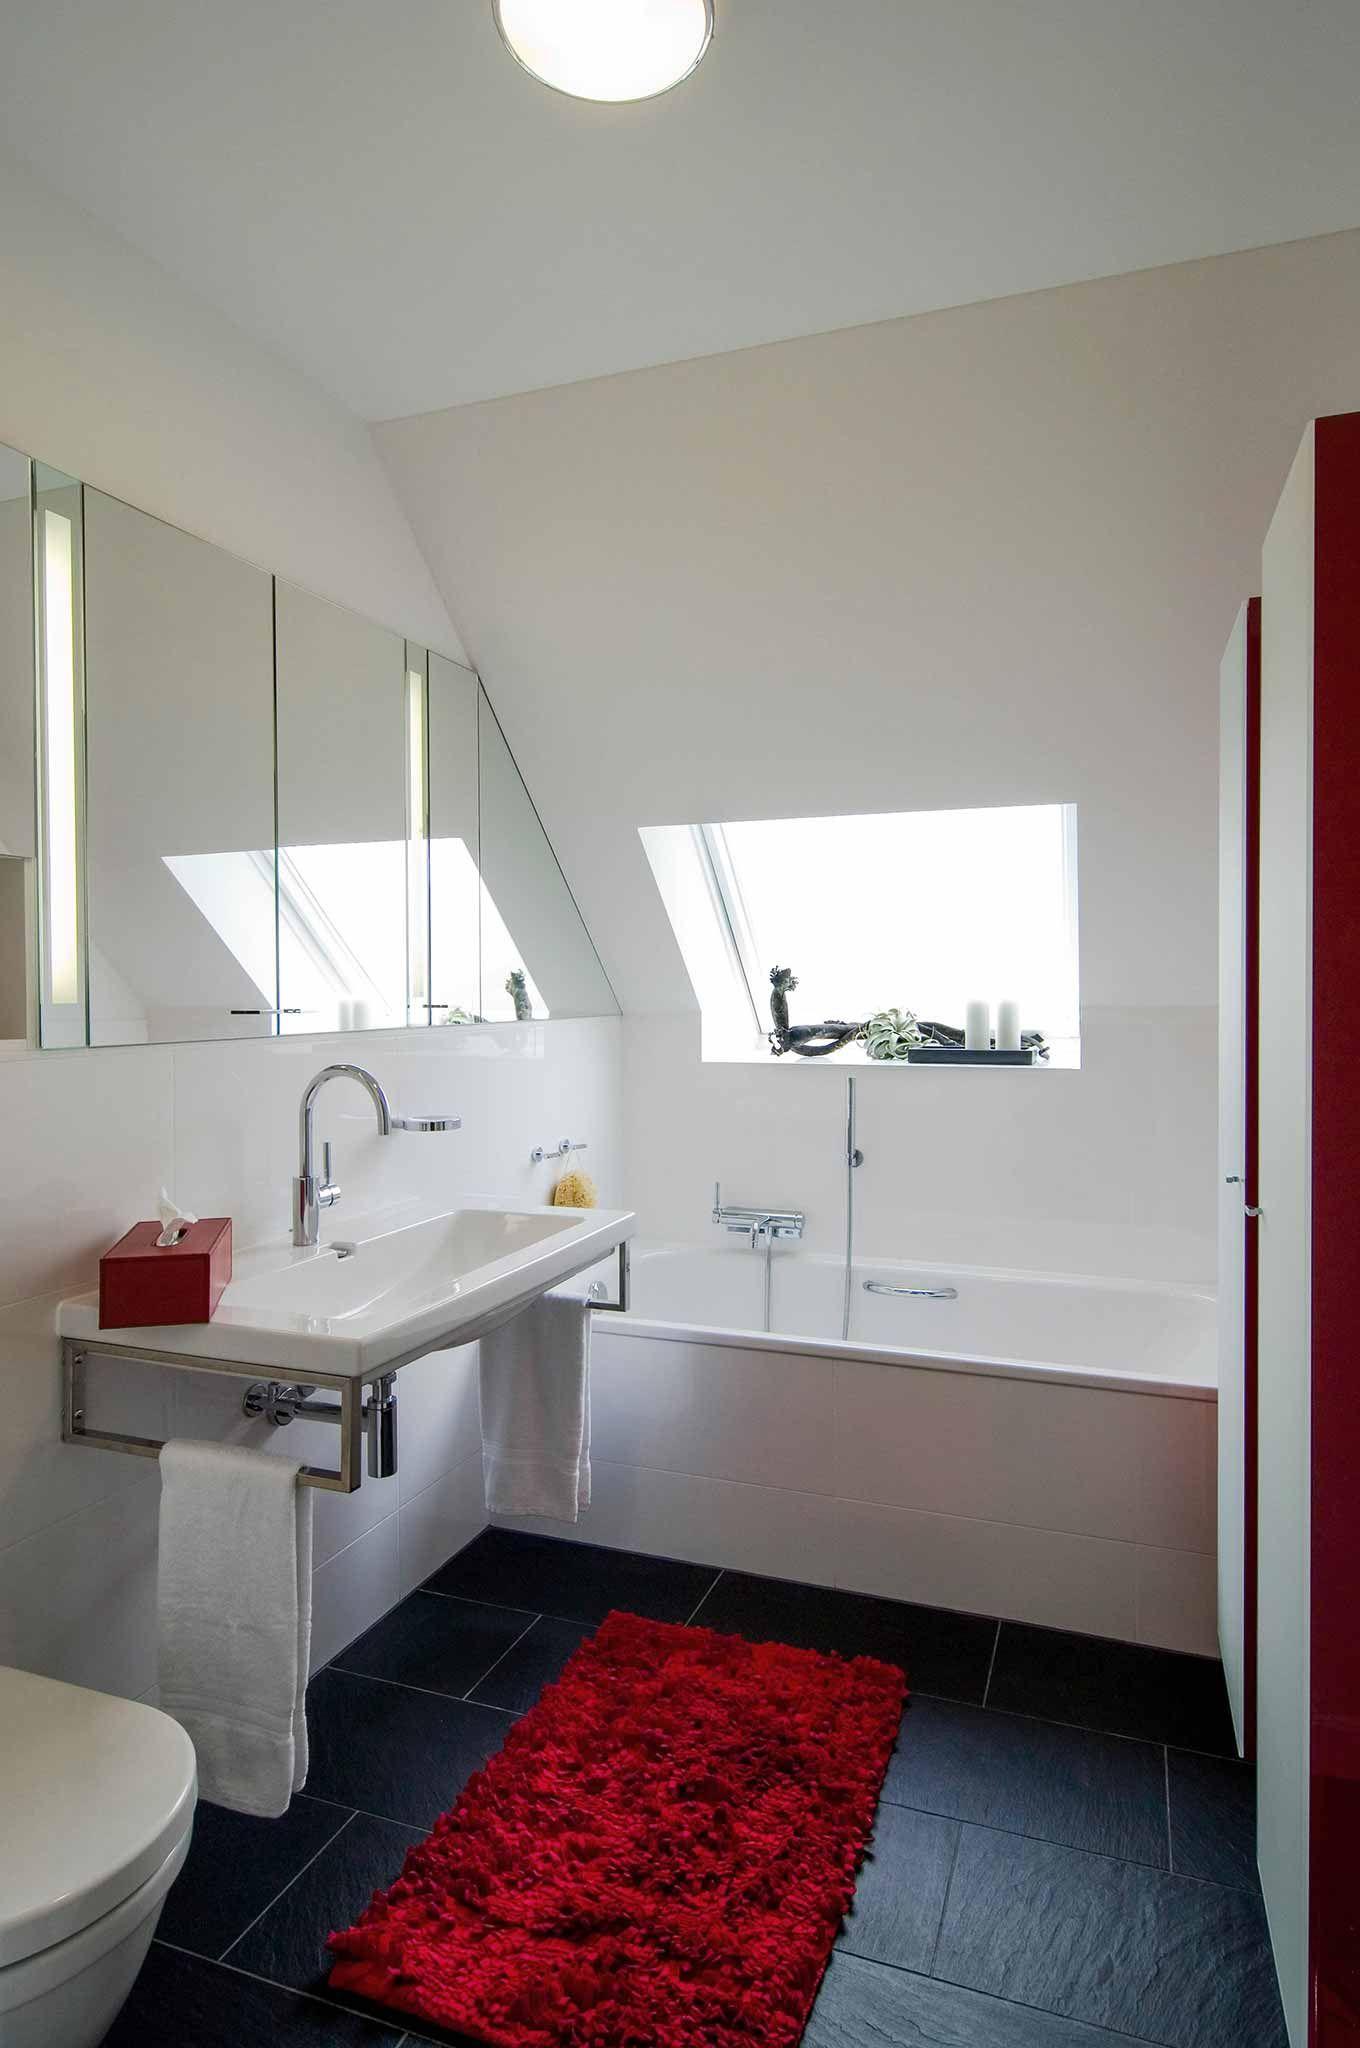 Wie Spiegelschrank Dachschrage Ausnutzt Bad In Munchen Schrank Dachschrage Badezimmer Dachschrage Spiegelschrank